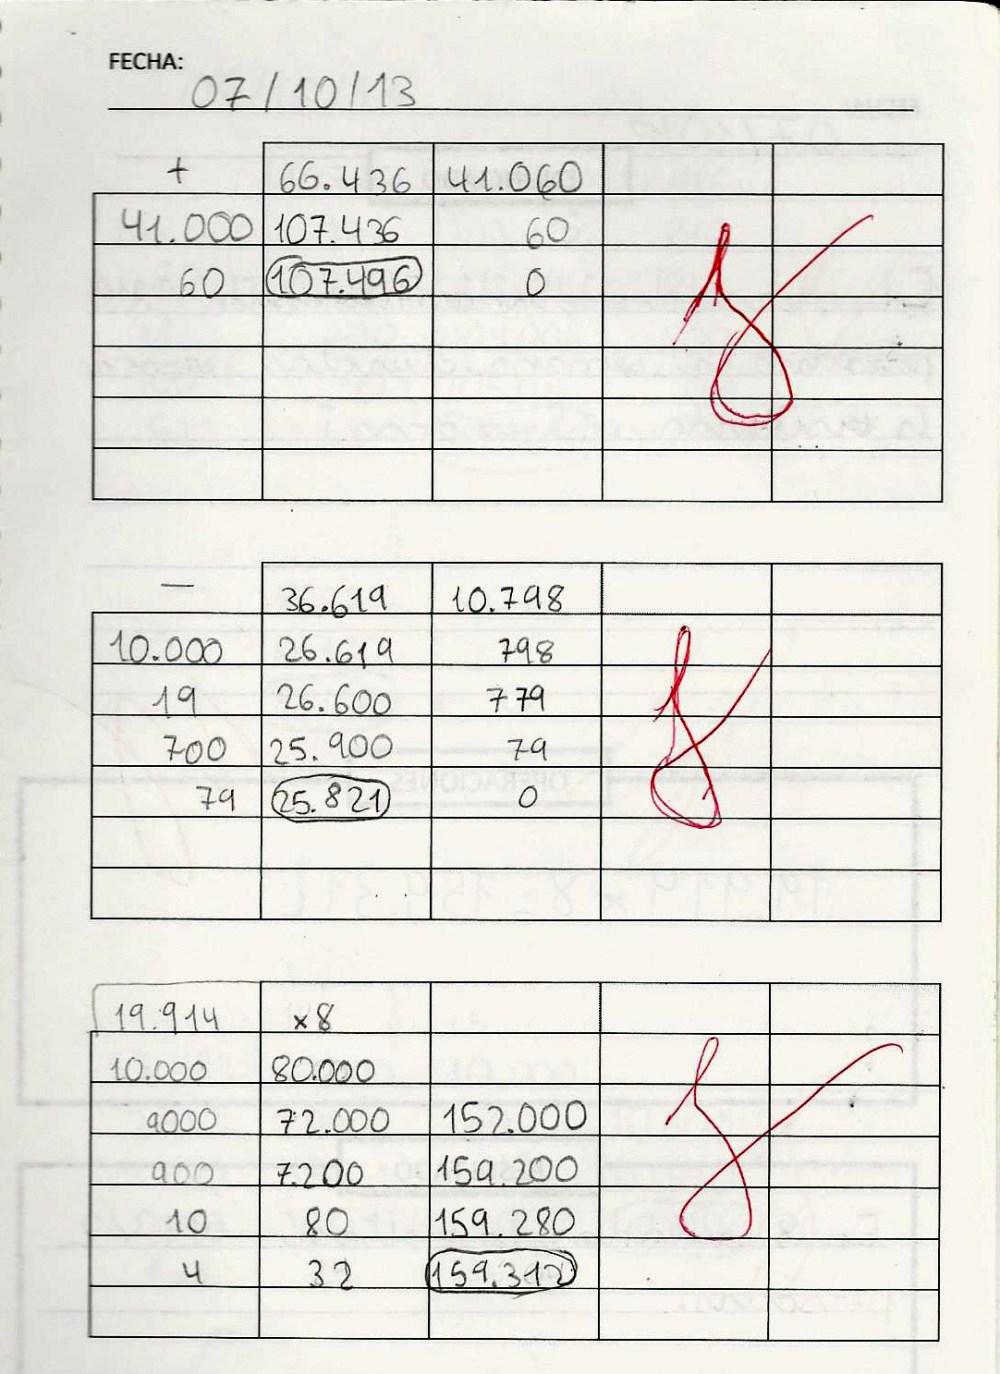 07-10-2013-operaciones